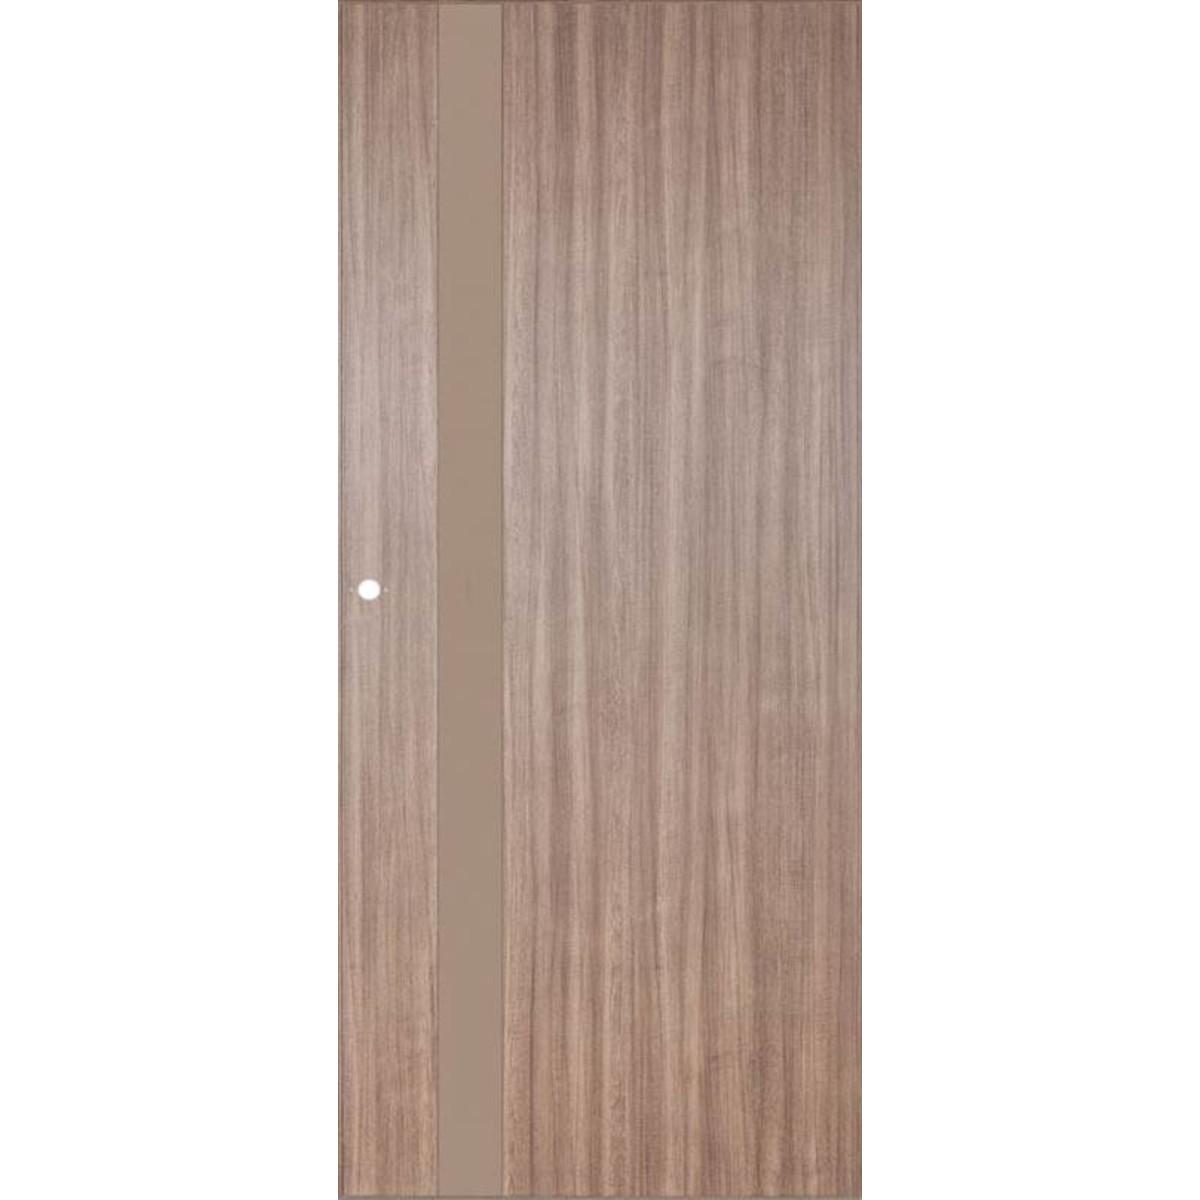 Дверь Межкомнатная Остеклённая Селена 60x200 Цвет Орех